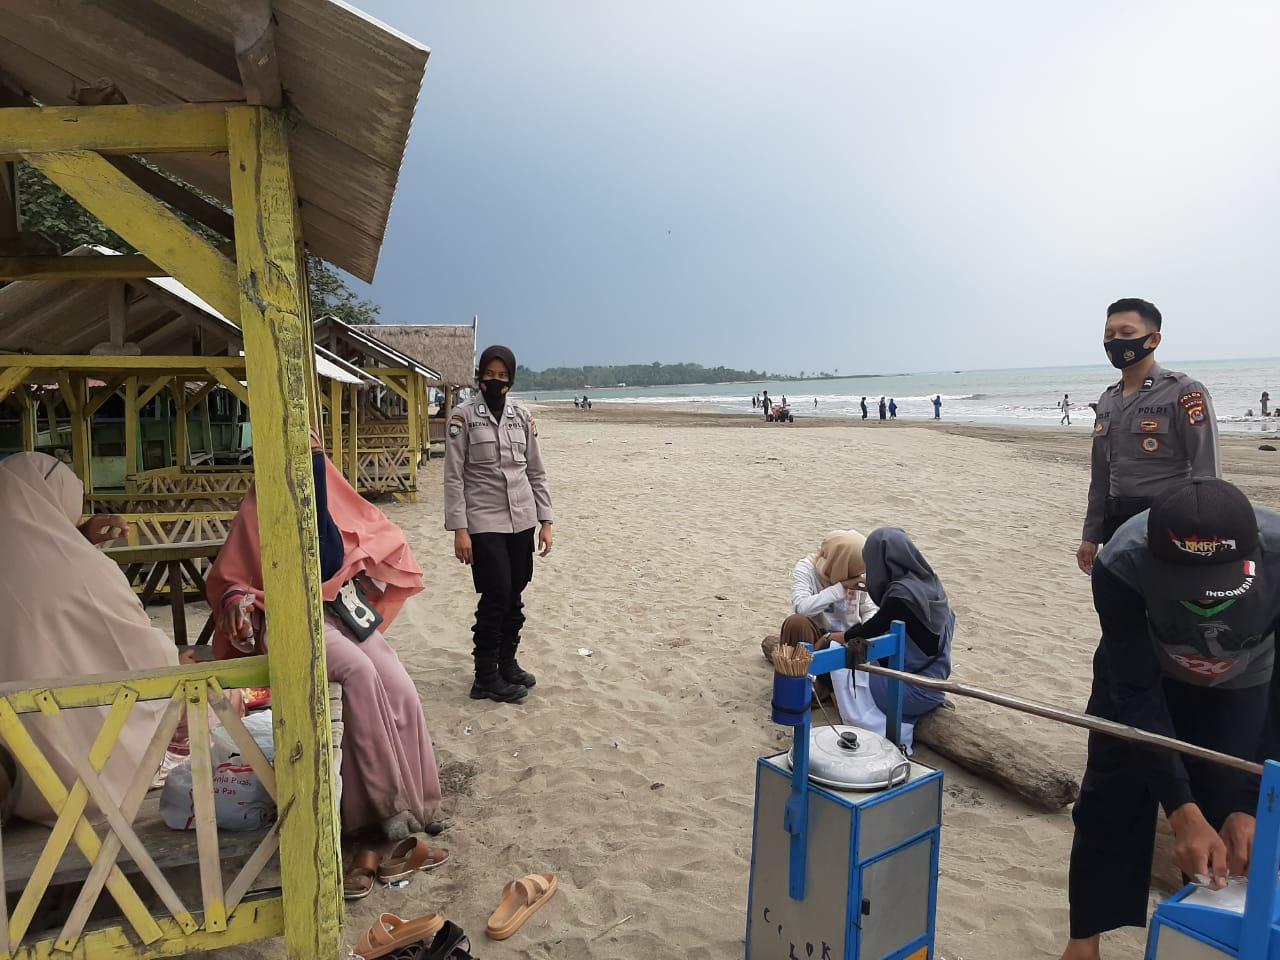 Disiplinkan Masyarakat Di Wisata Pantai Untuk Terapkan Protokol Kesehatan